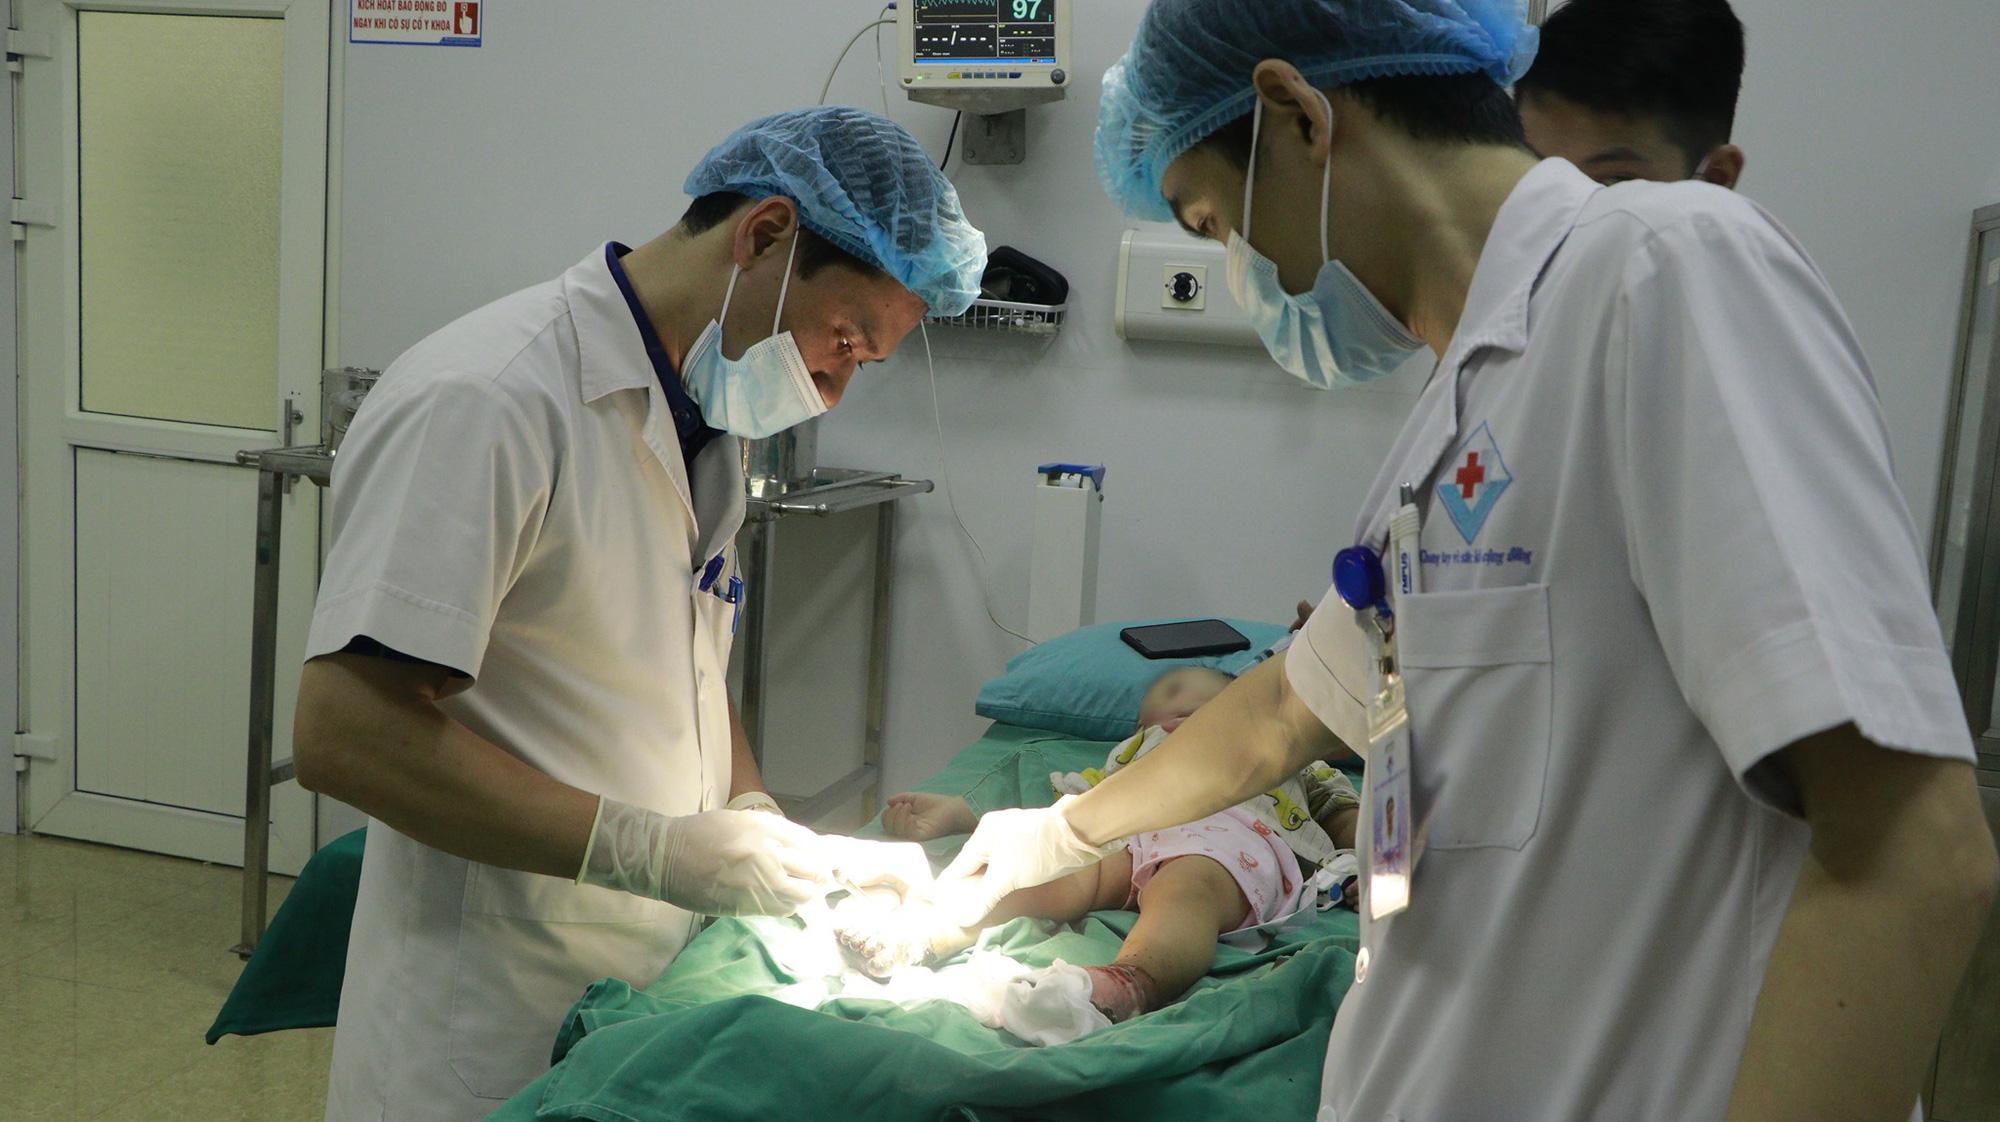 Đắp thuốc nam chữa bỏng, hai bàn chân bé trai bị nhiễm trùng nặng - Ảnh 1.